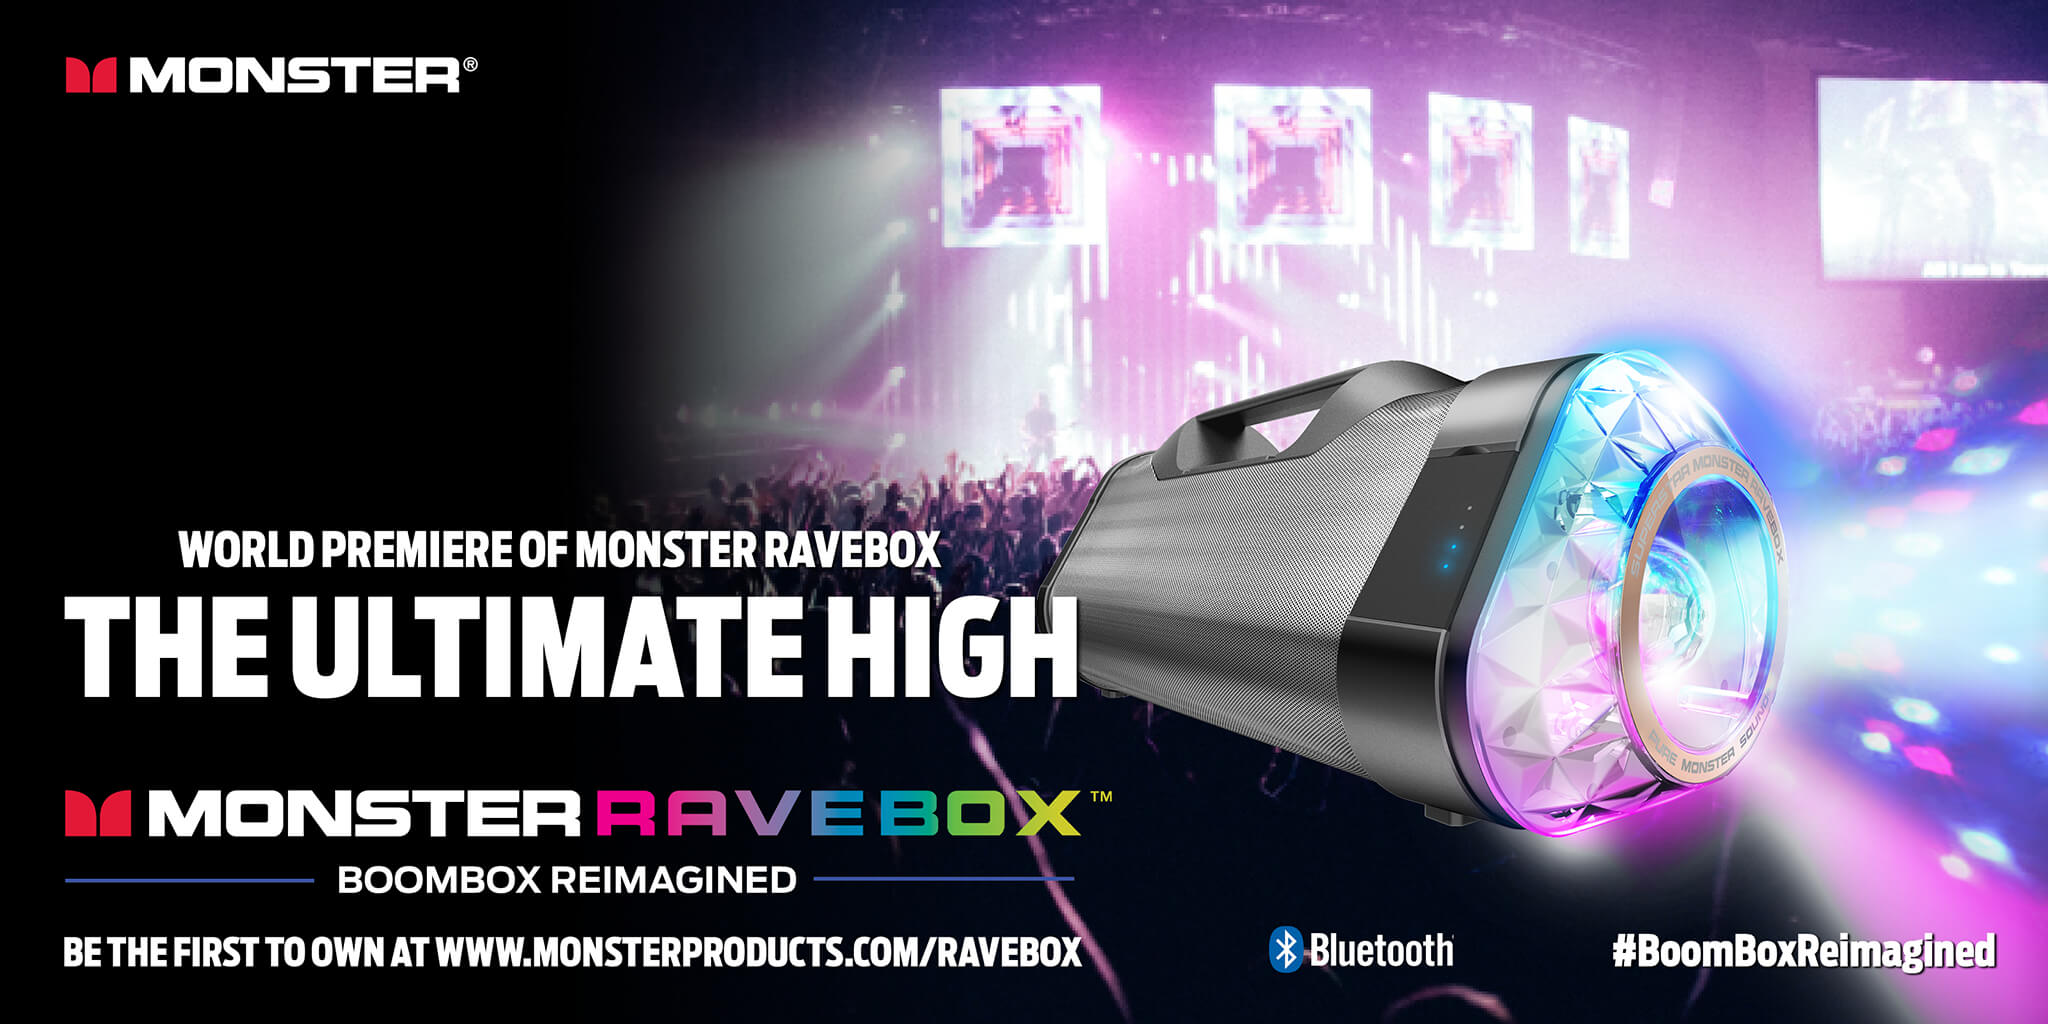 Monster Ravebox